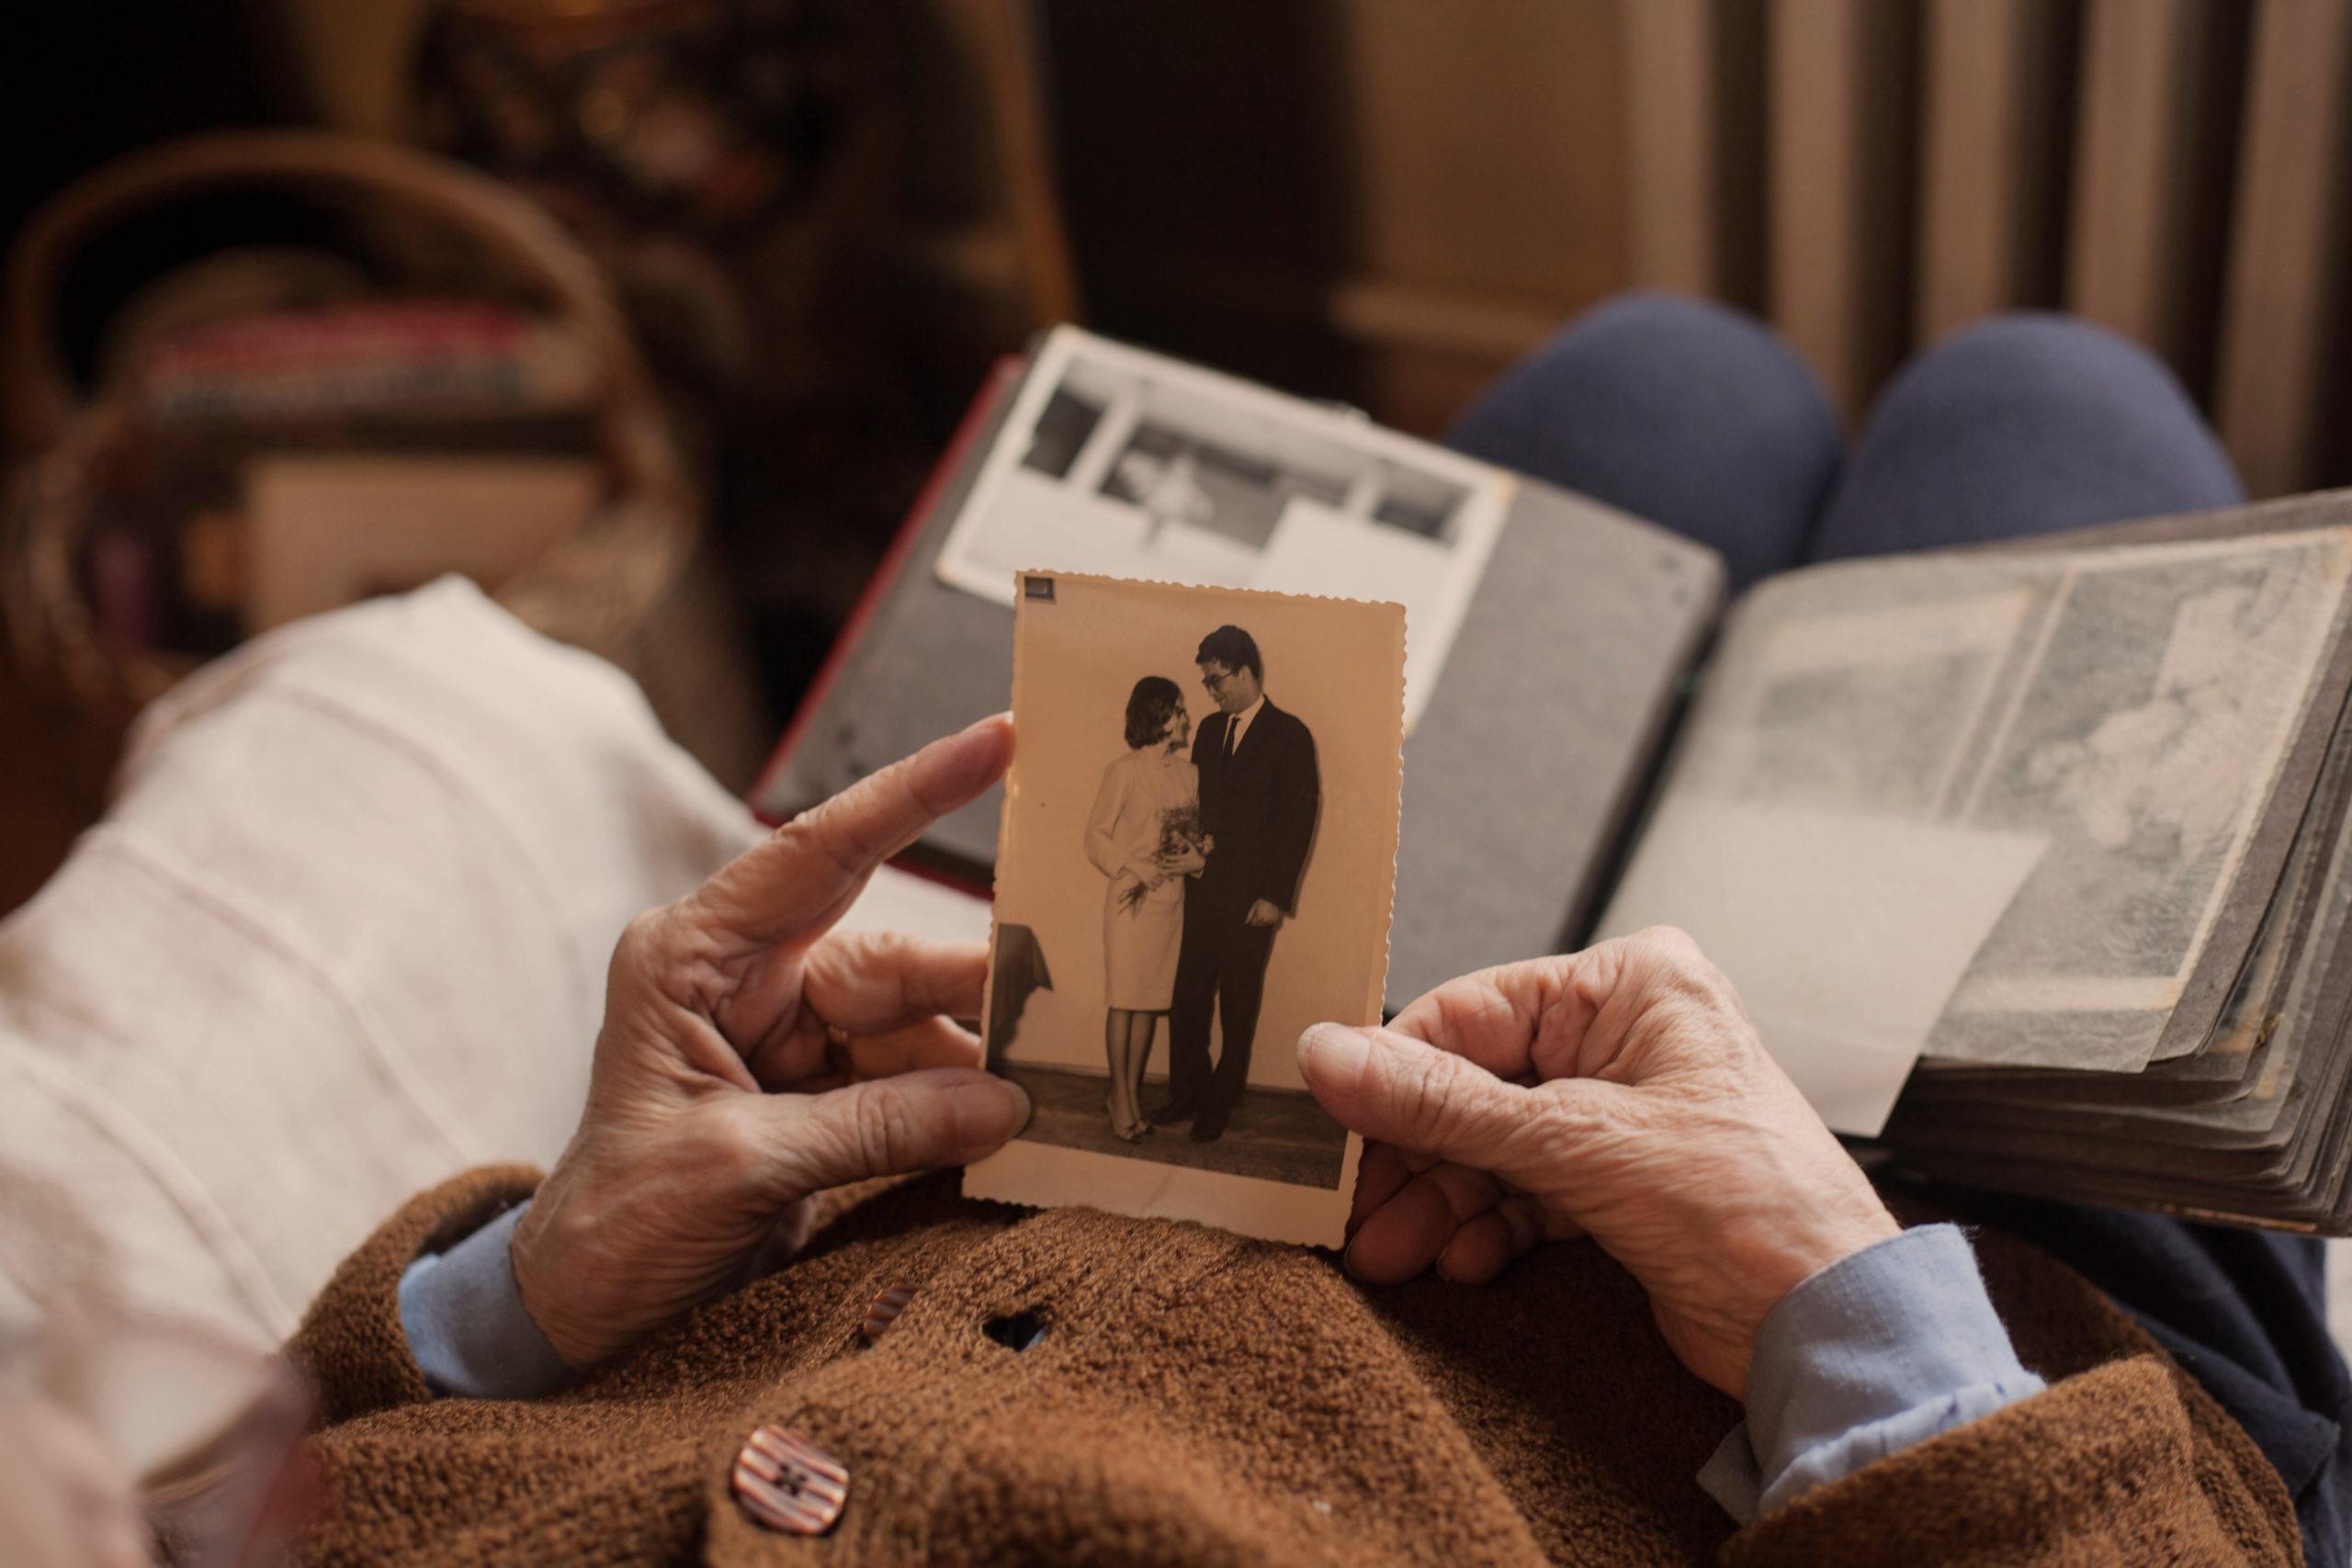 valentines day dementia